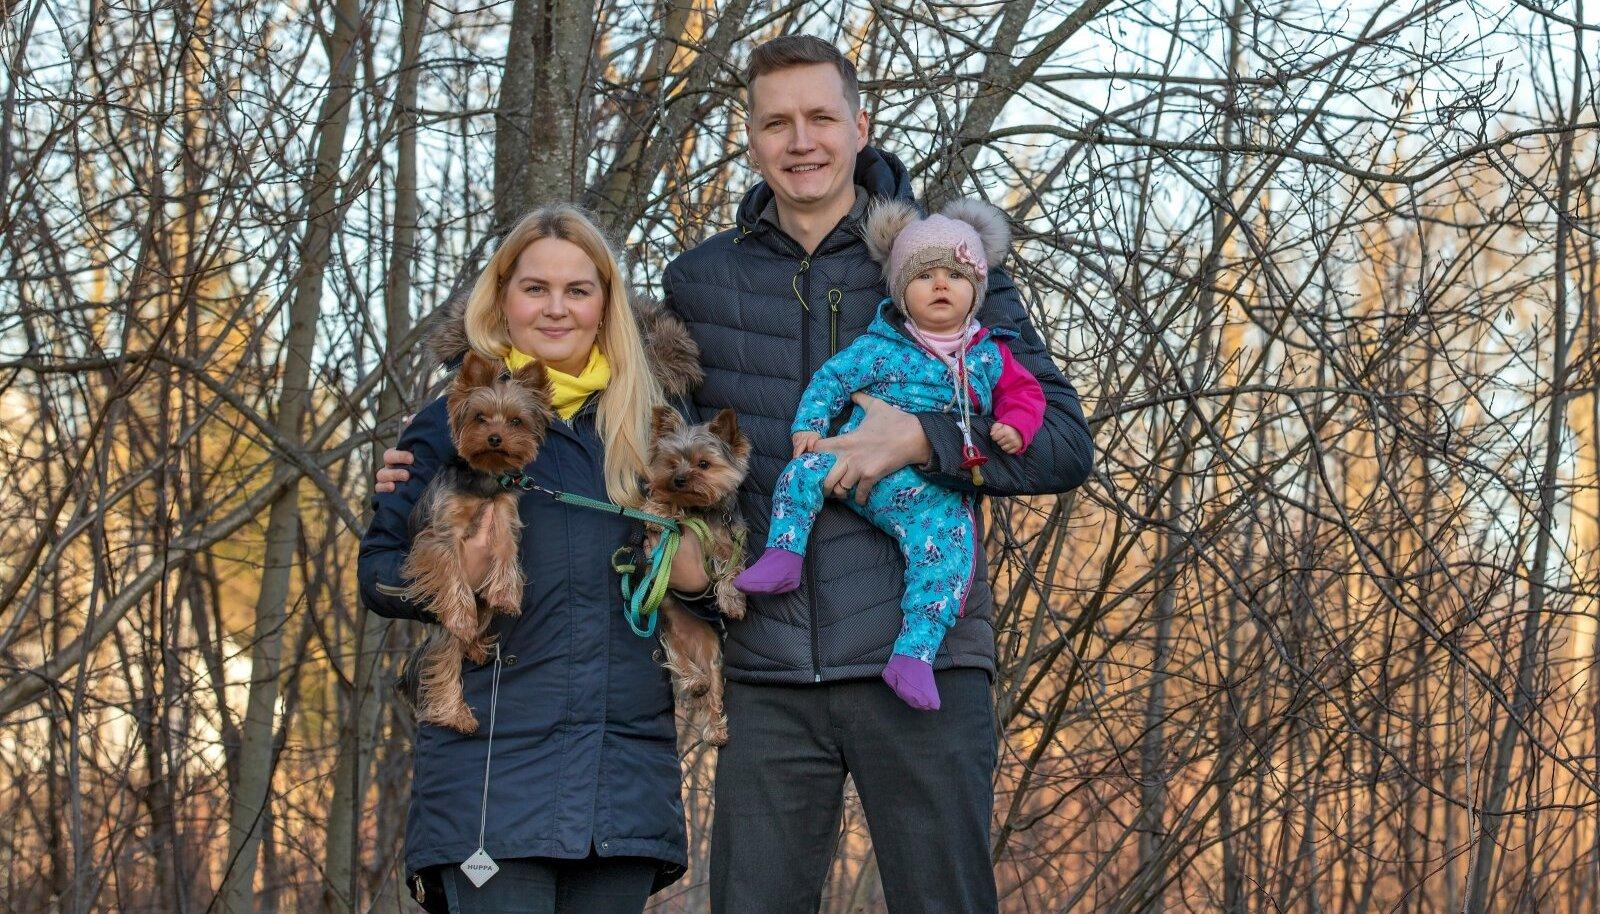 Kristina ja Sven Vabamäe koos tütre Amilia ja koerte Happy ning Bennuga.